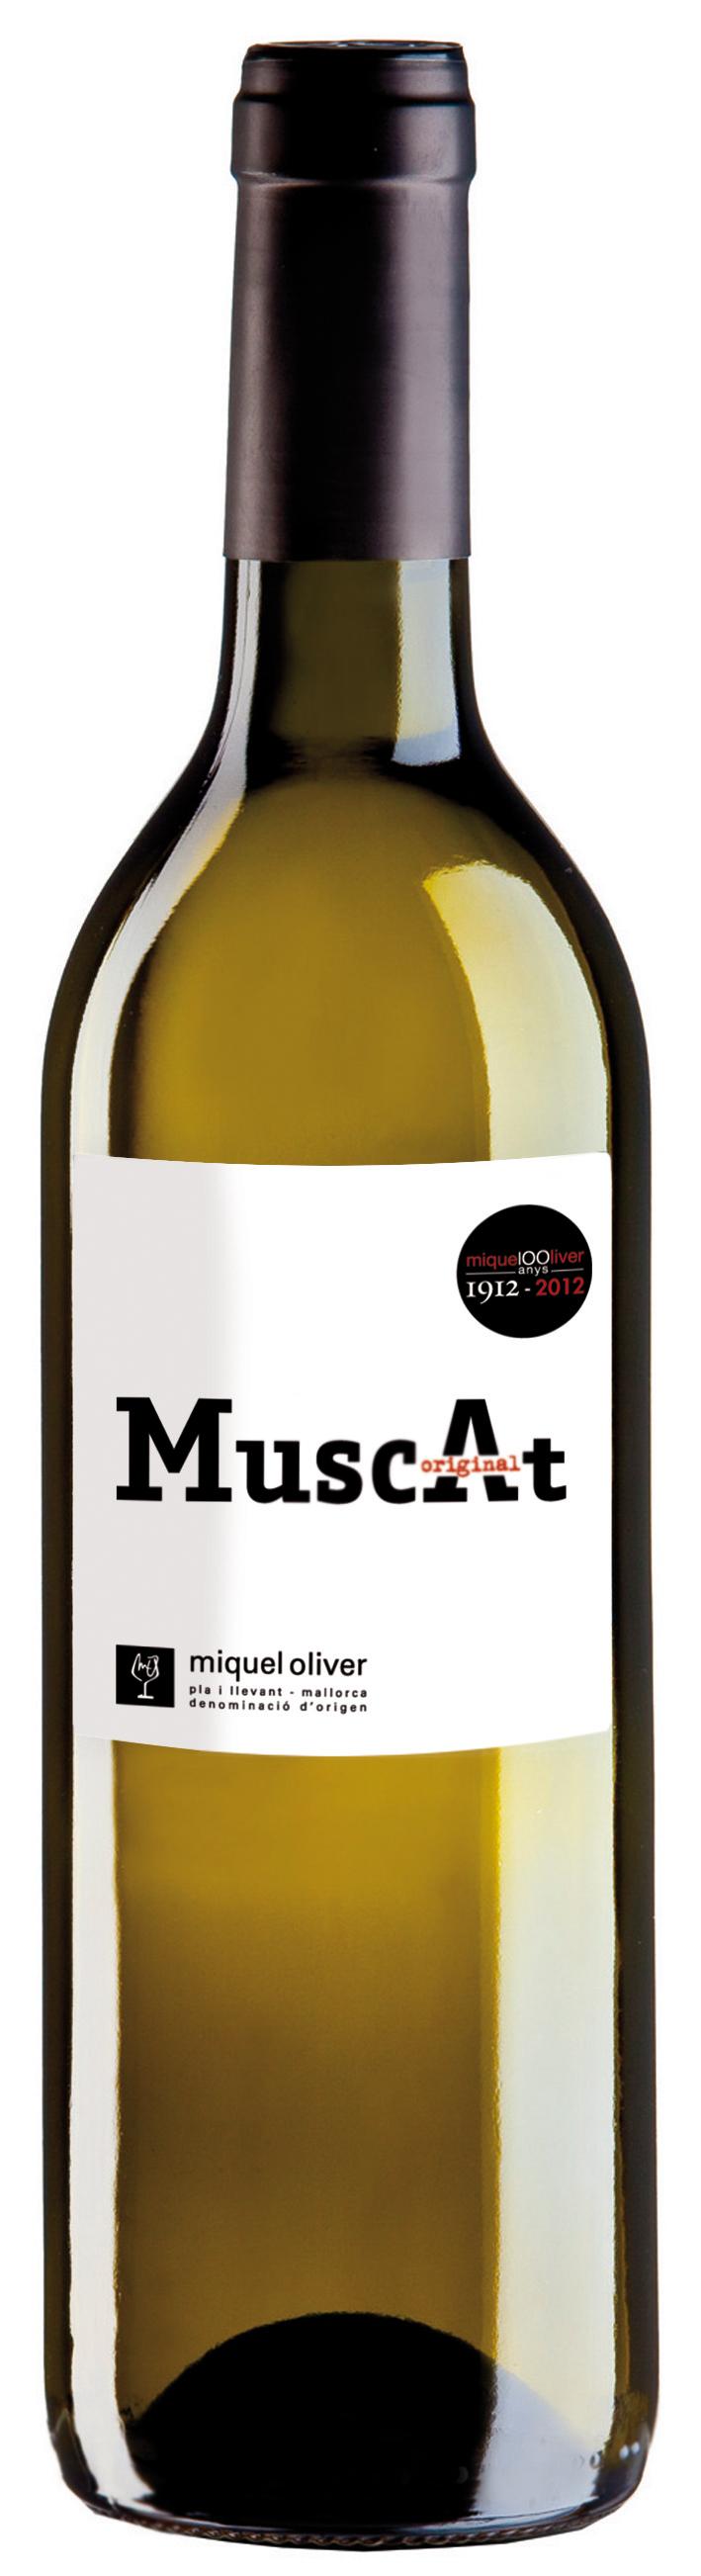 Muscat Miquel Oliver